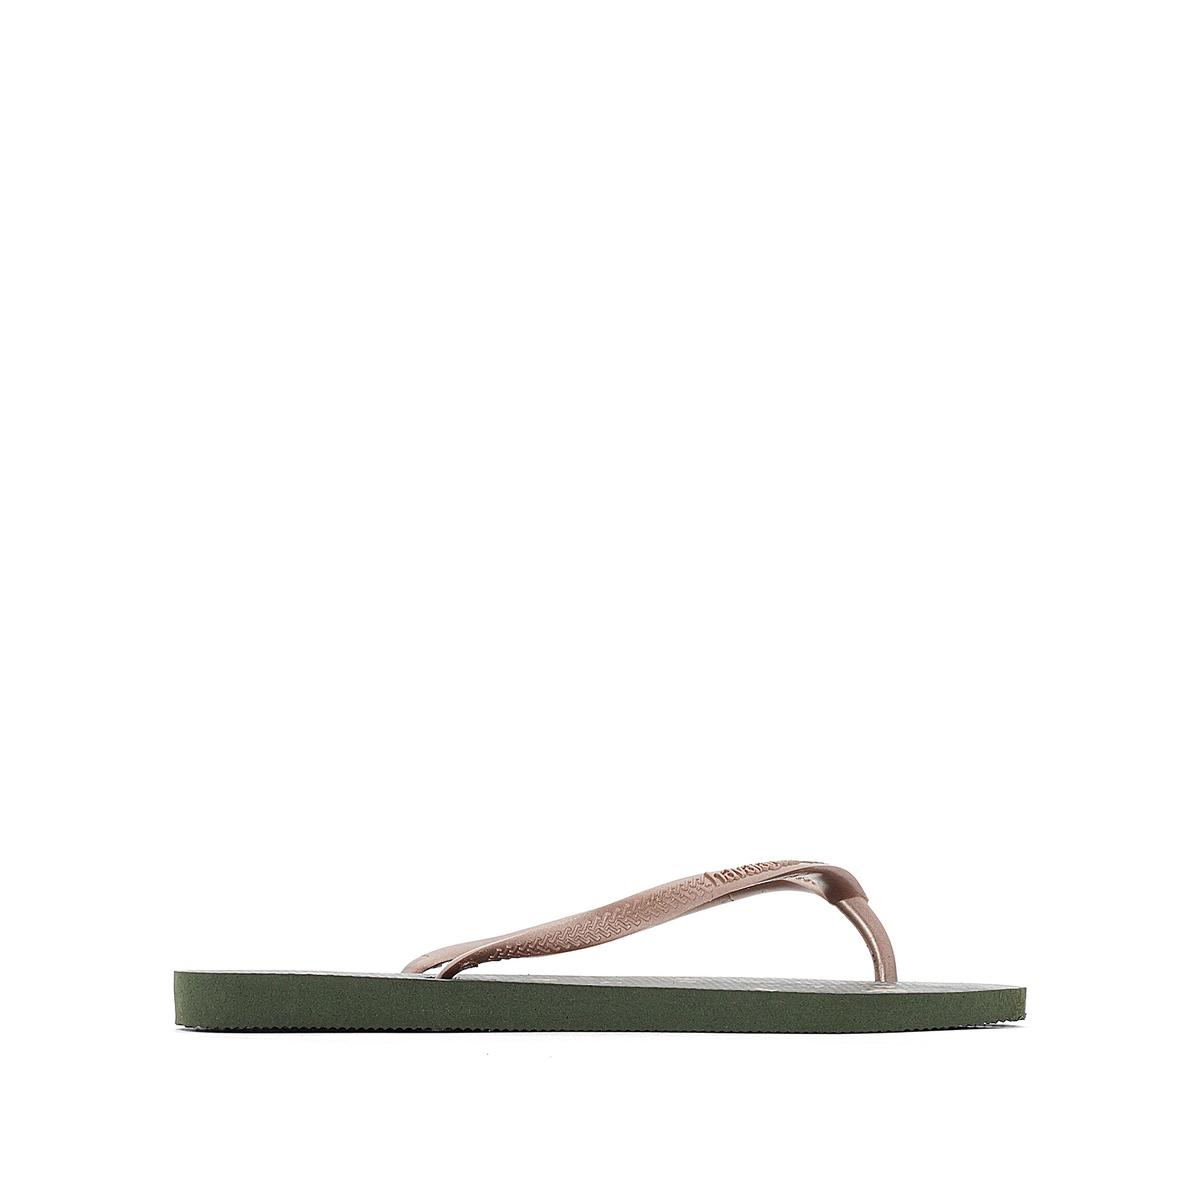 Вьетнамки Slim AnimalsВерх : каучук     Стелька : каучук     Подошва : каучук     Форма каблука : плоский каблук     Мысок : открытый мысок     Застежка : без застежки<br><br>Цвет: серый